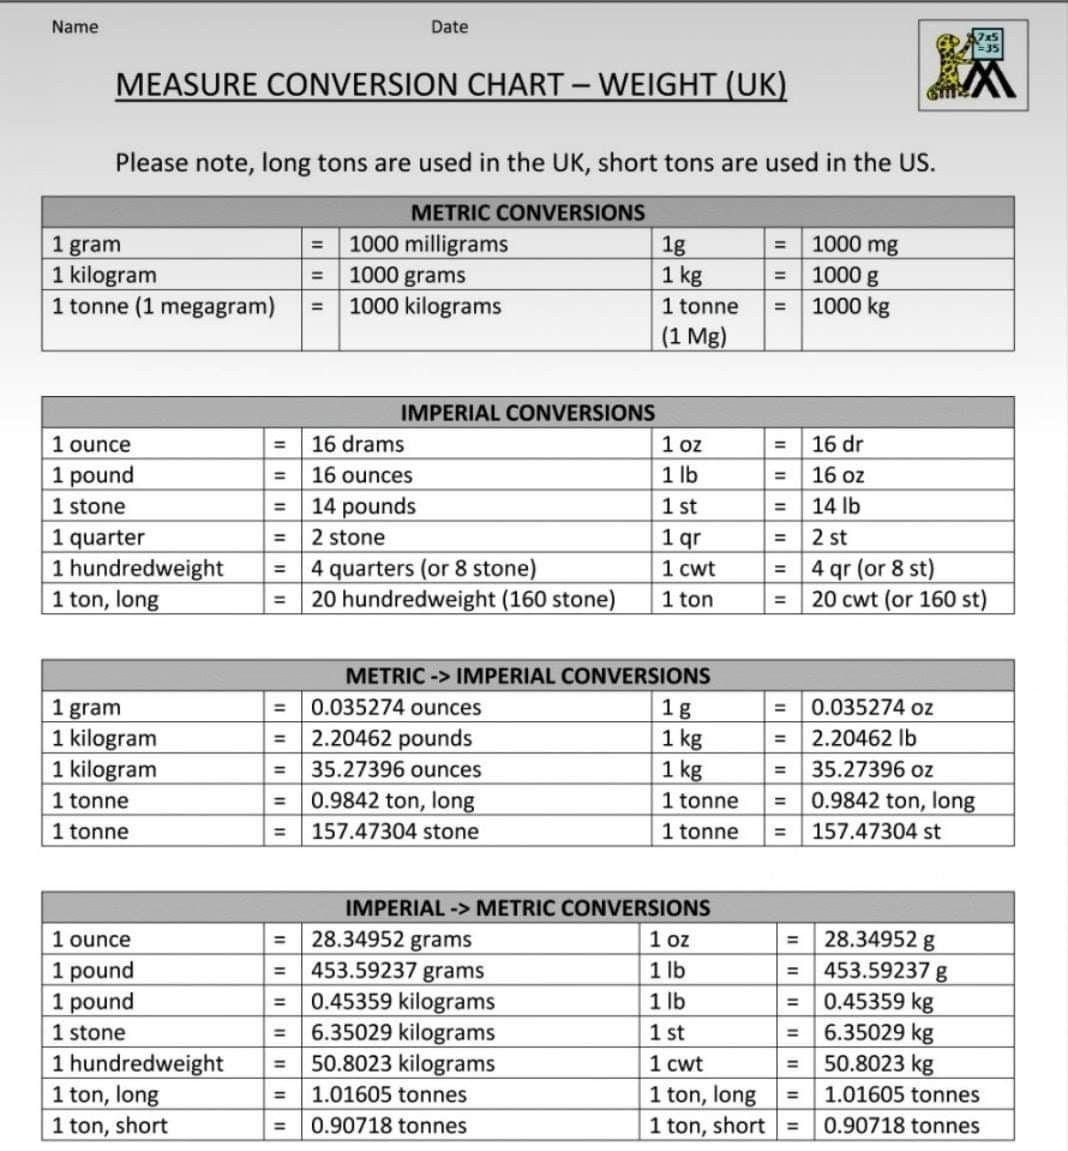 Pin By Kinghm Architecture Hvac D On Education Conversion Factors Civil Engineering Measurement Conversion Chart [ 1151 x 1068 Pixel ]